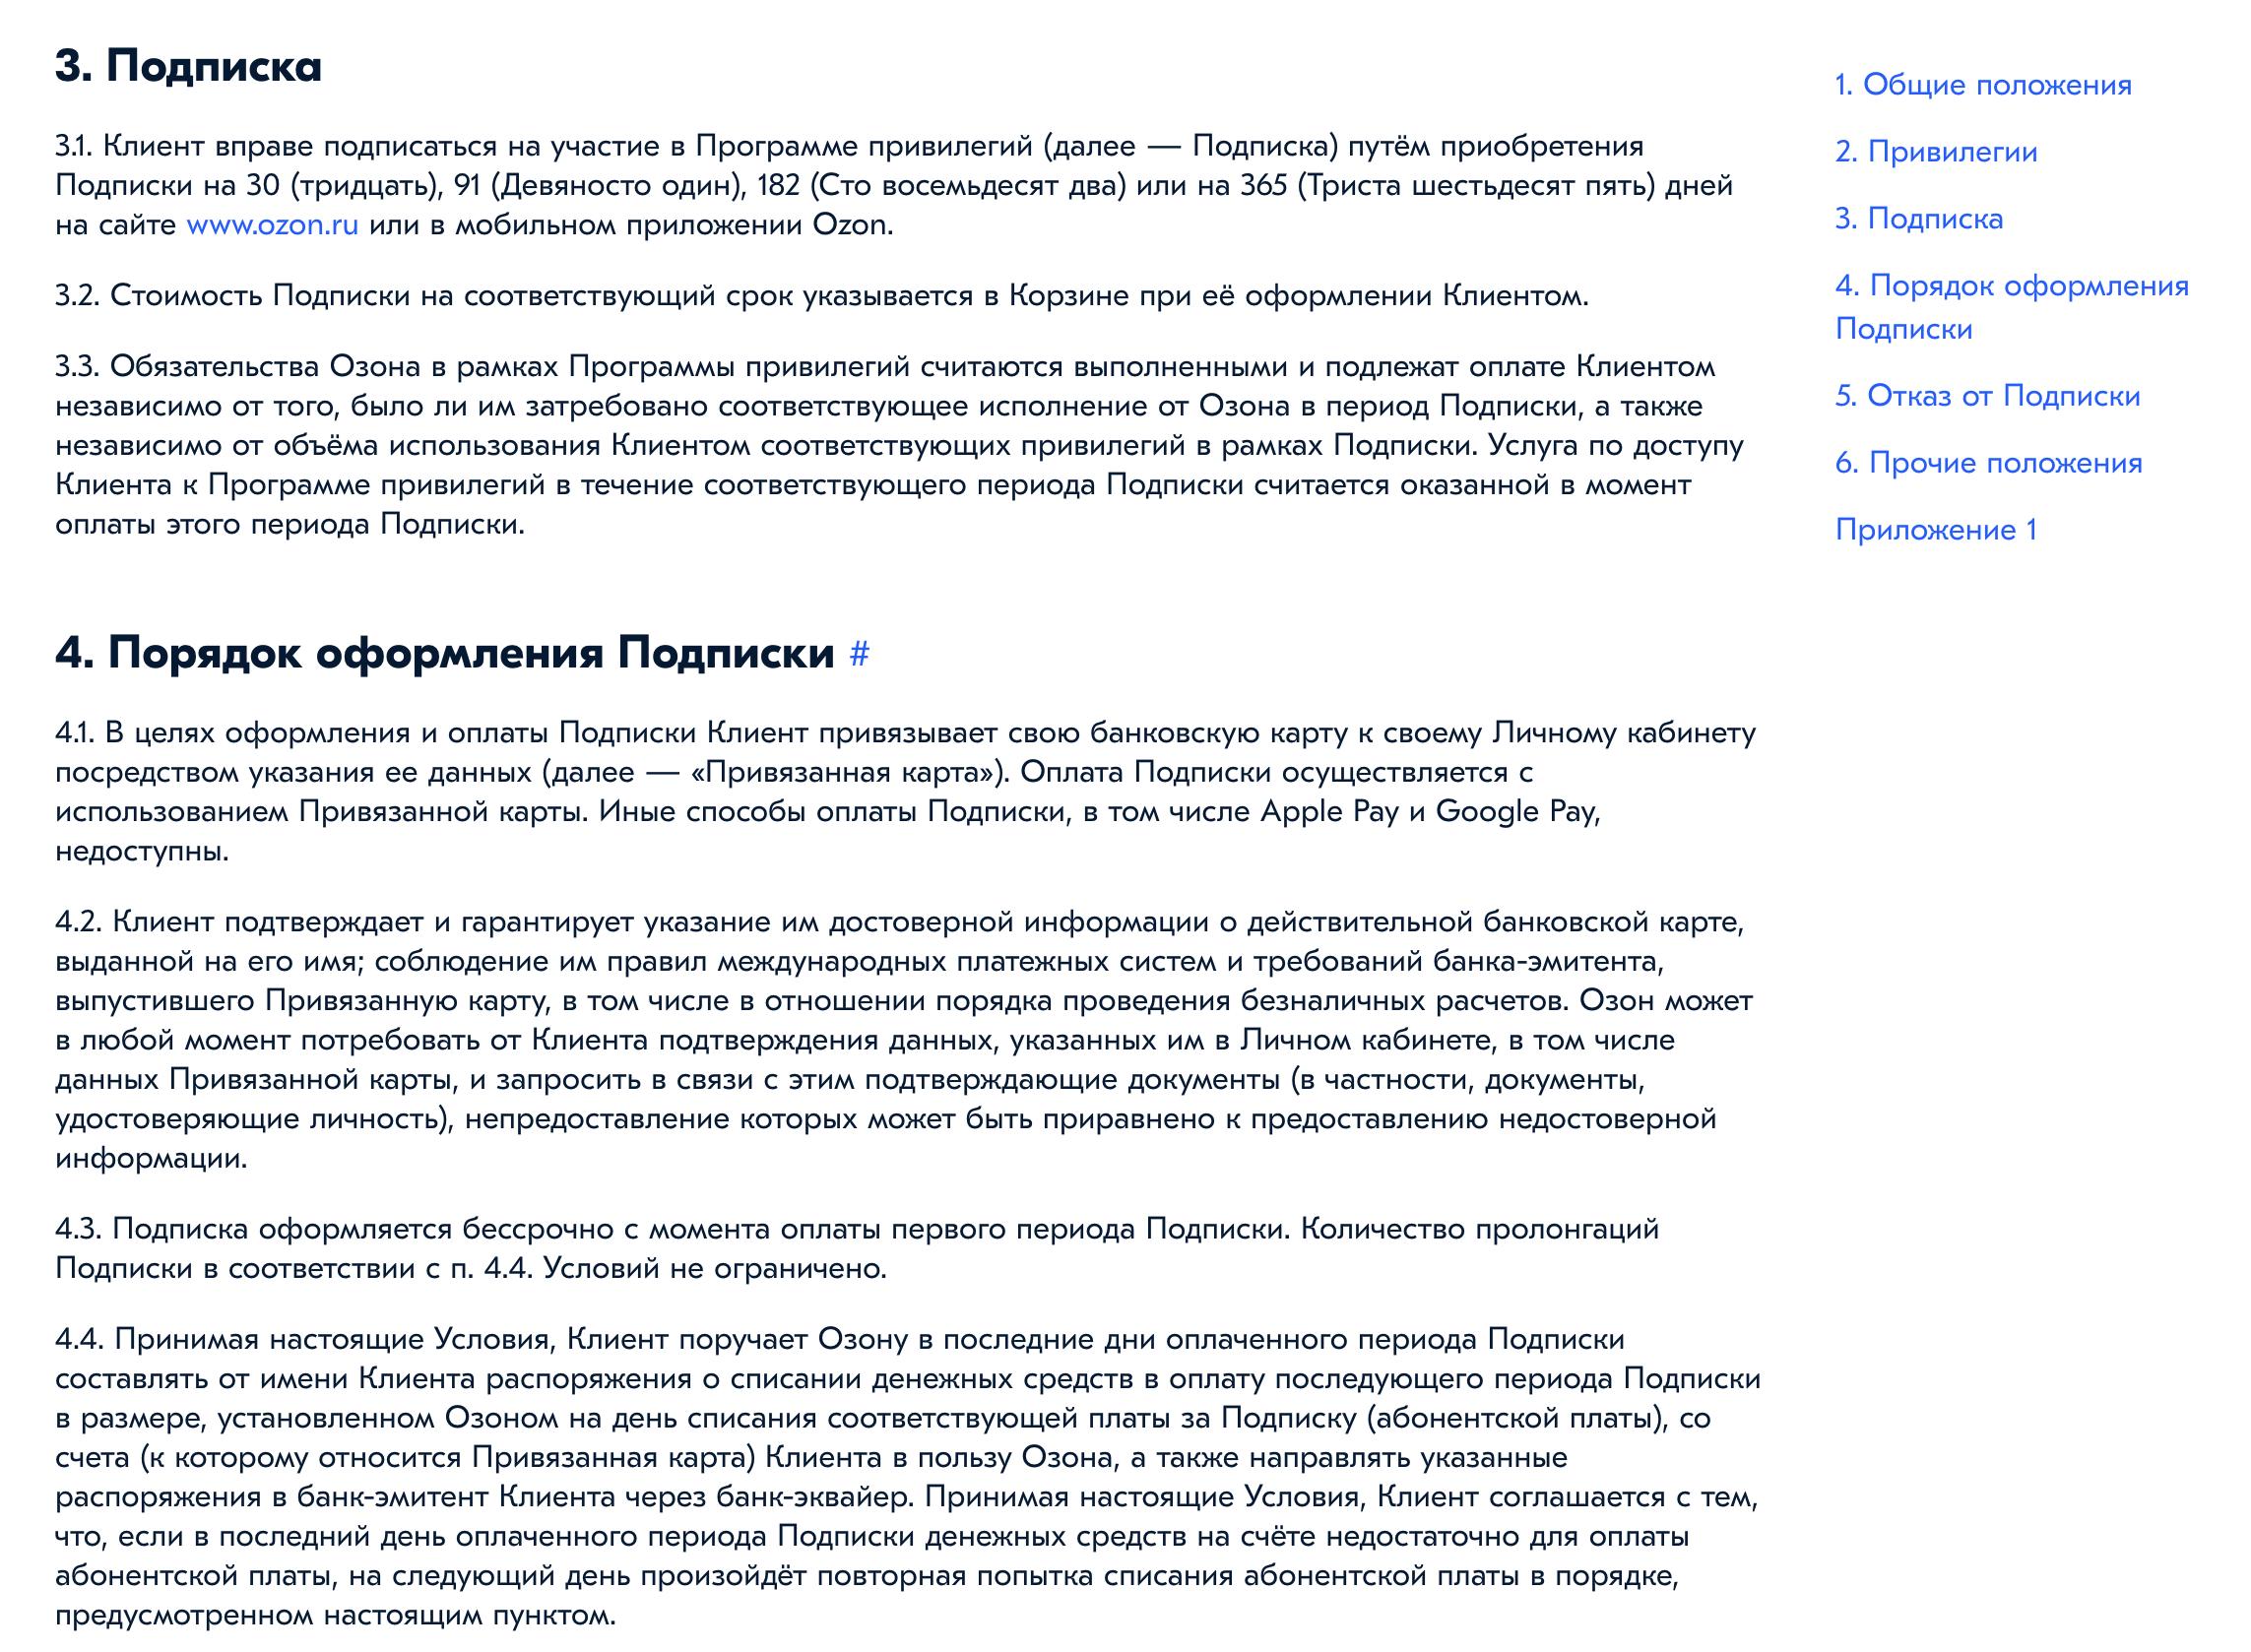 Как в интернет магазине Ozon купить за 1 рубль с подпиской Premium